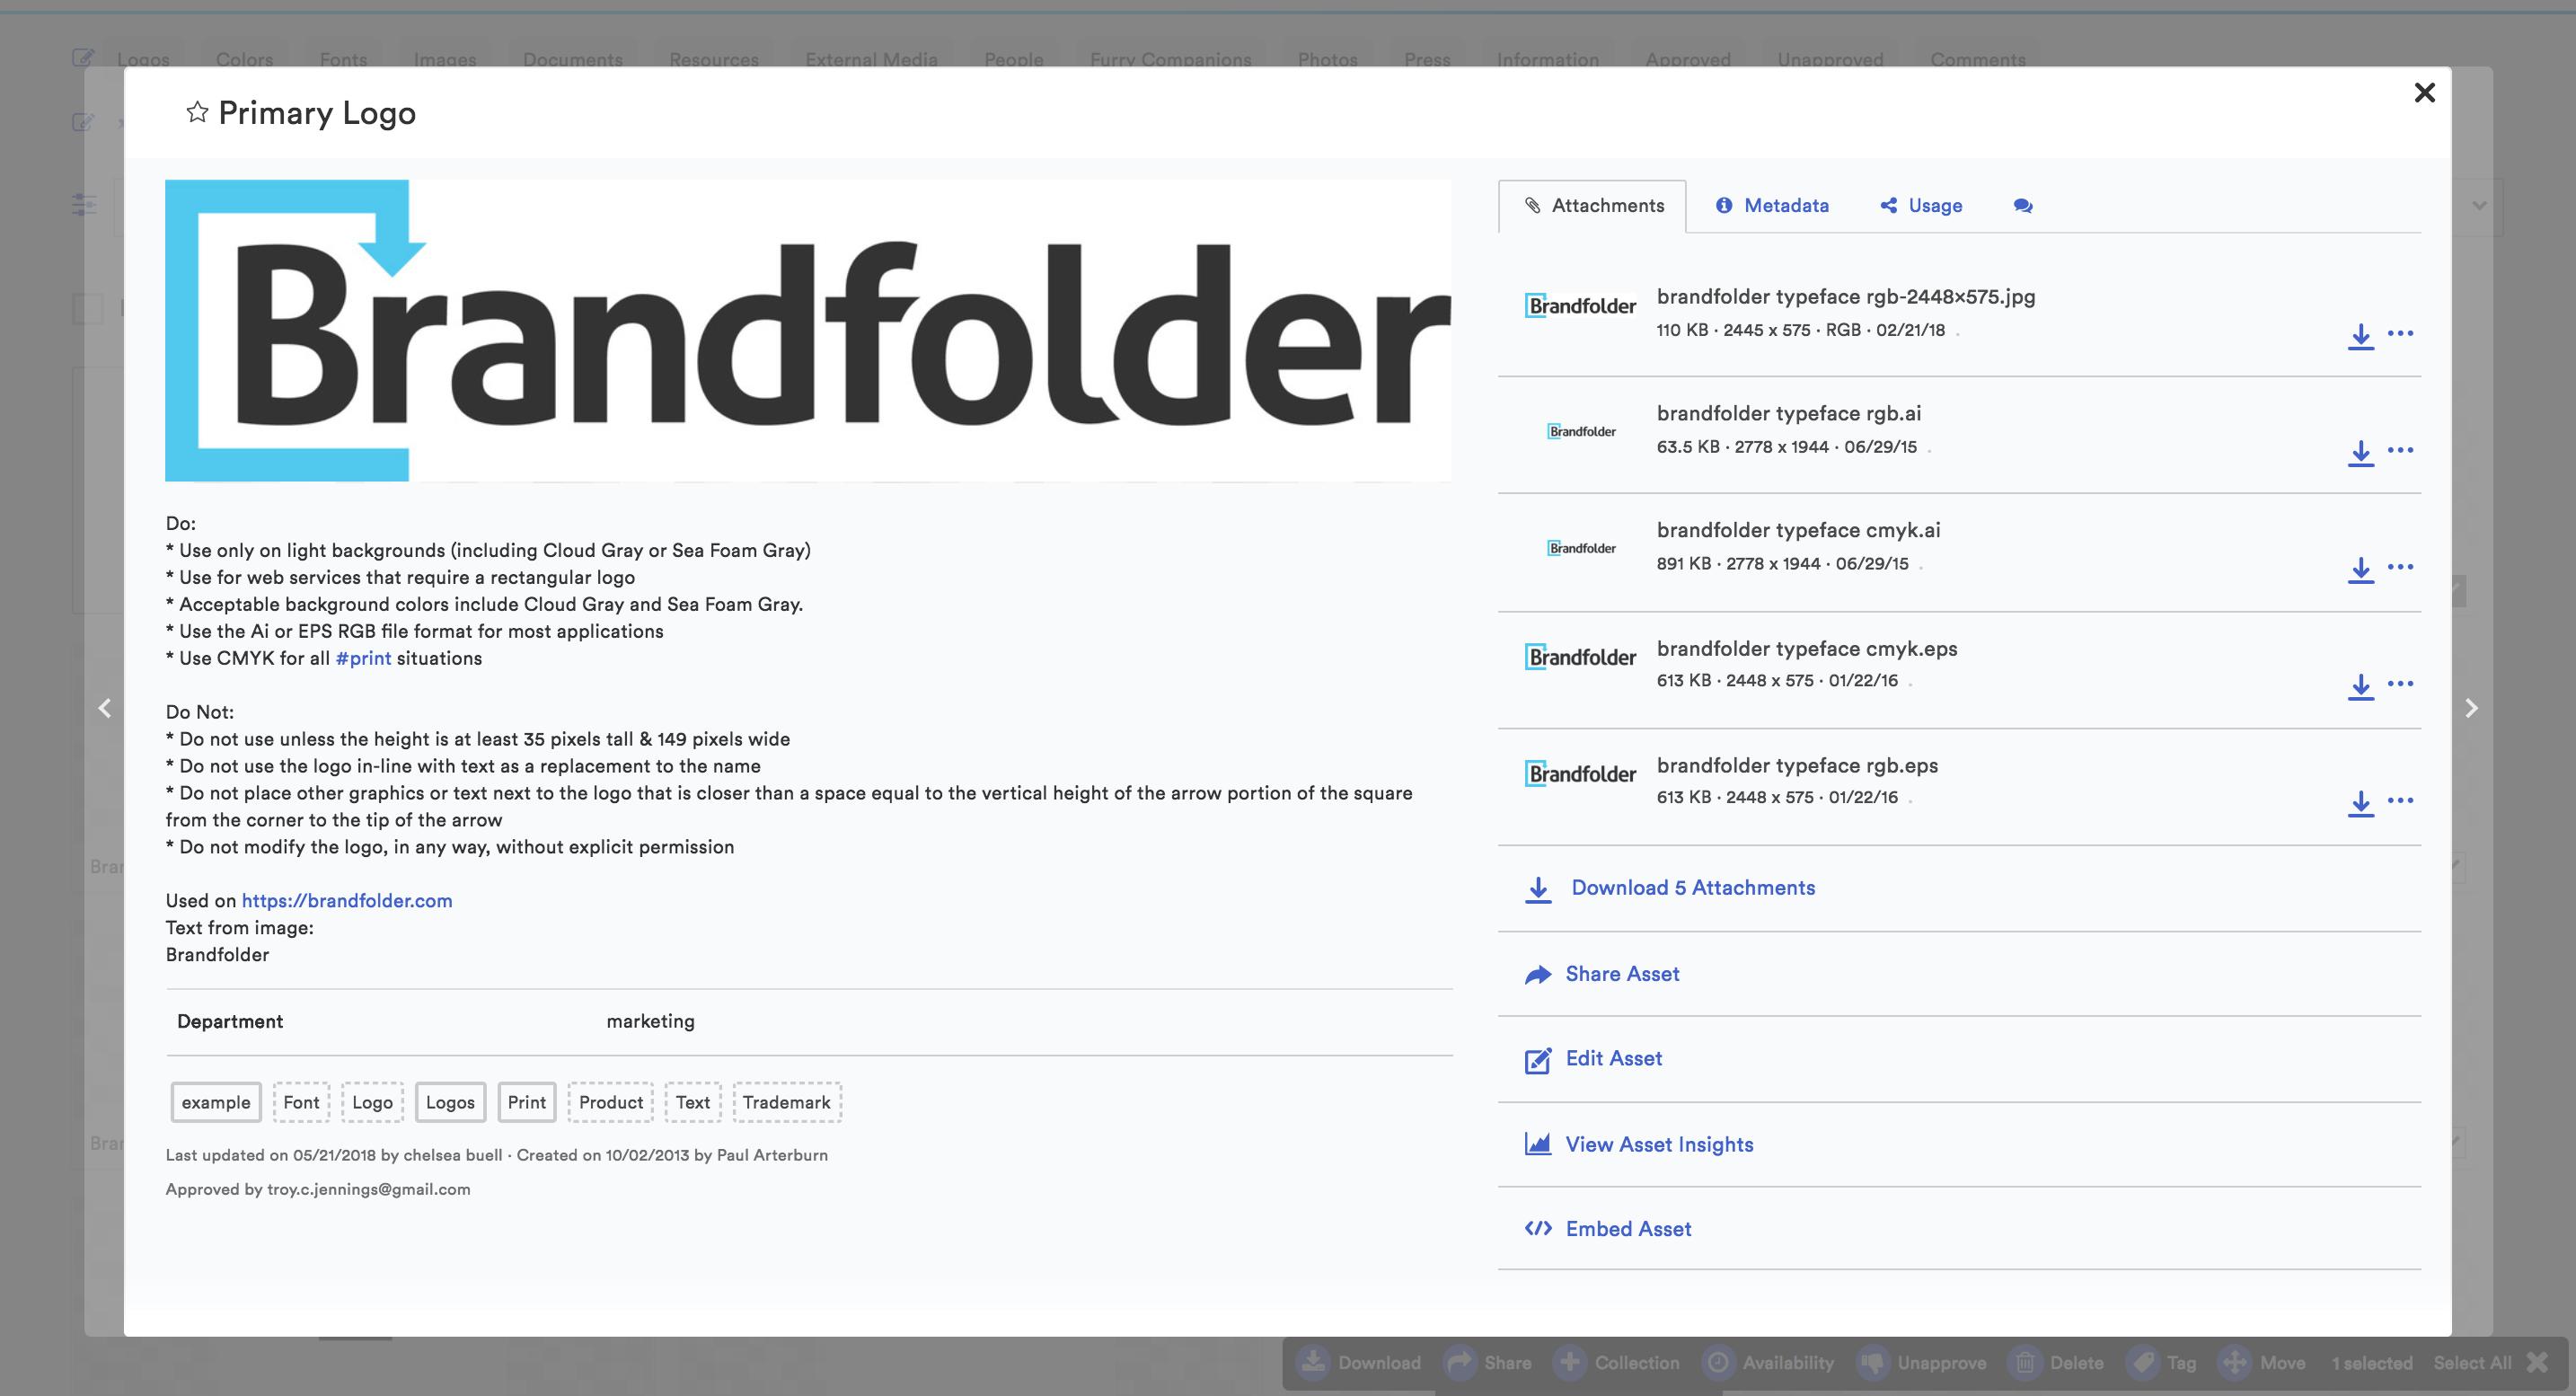 Brandfolder Software - Previewing an individual asset